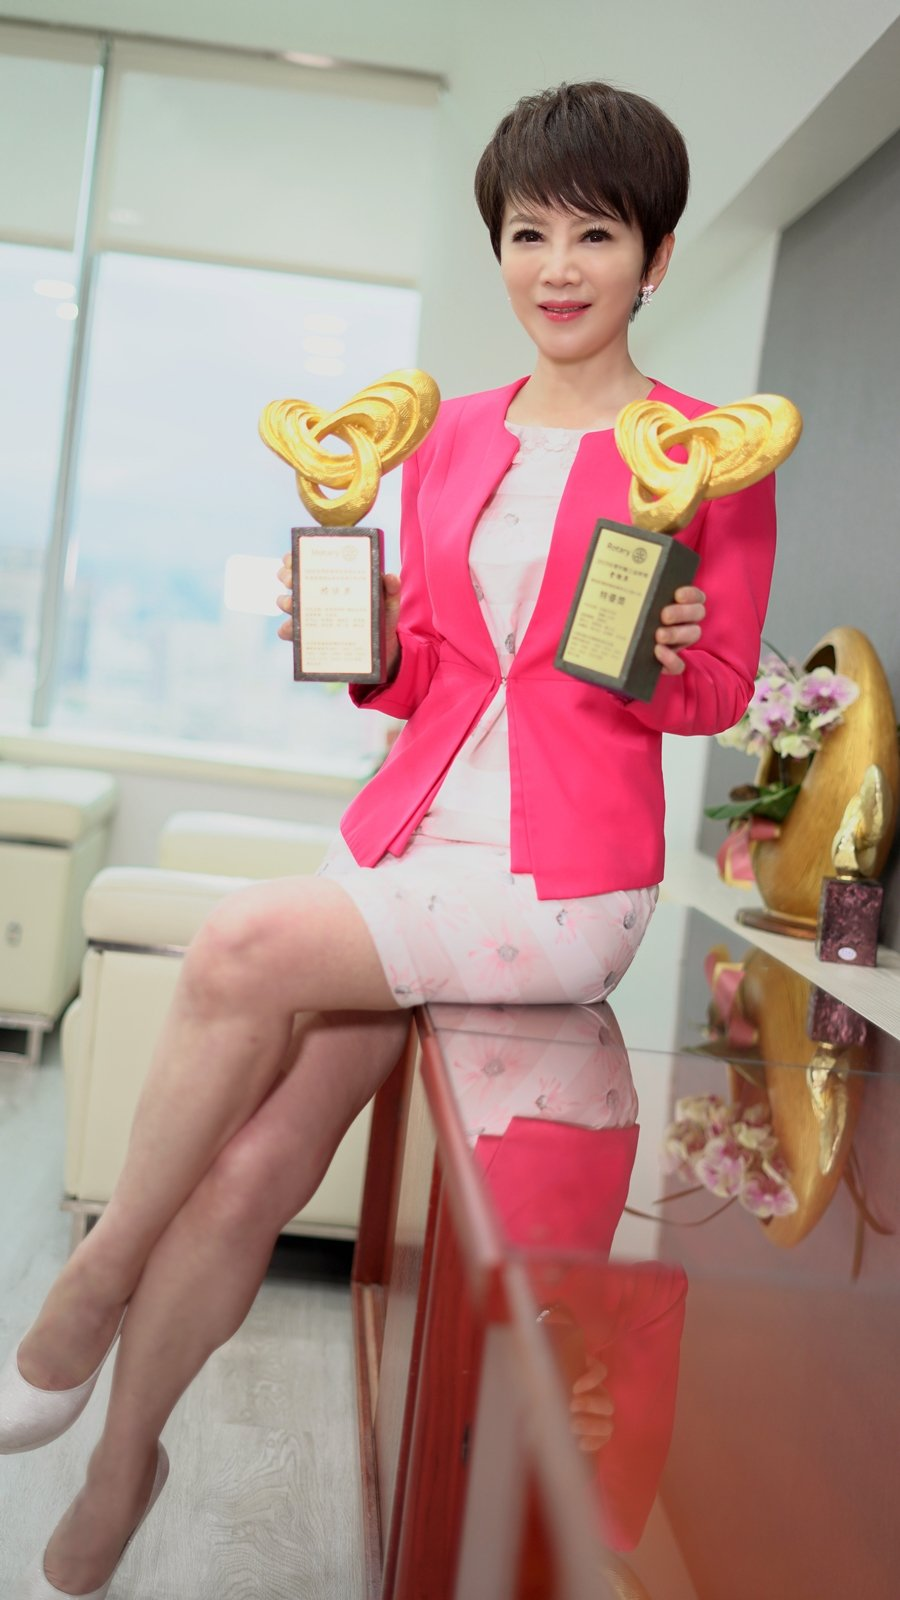 陳雅琳在疫情期間接下大任,拿到新聞獎對她來說是強心針。圖/華視提供